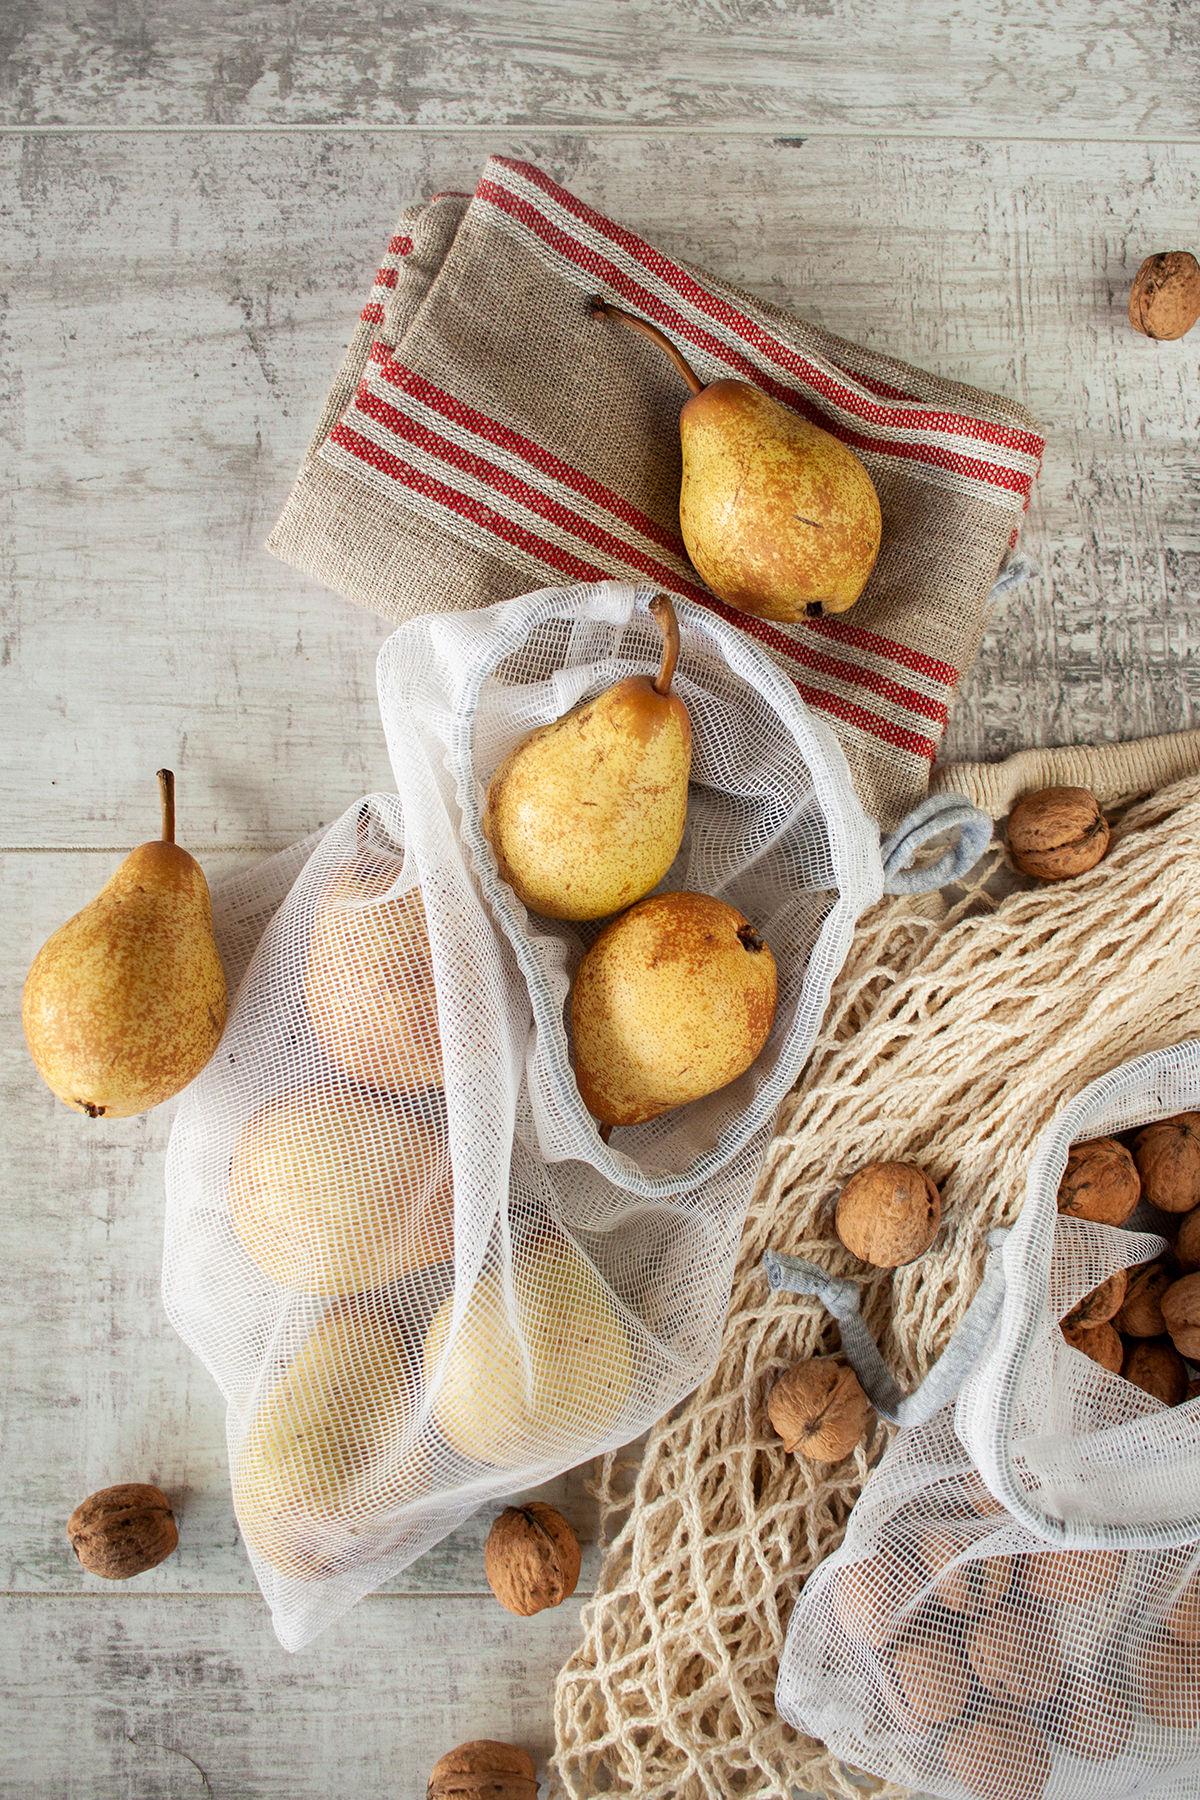 gruszki i orzechy włoskie w wielorazowych siatkach, lniany worek na pieczywo - zerp waste dla początkujących w sklepie spożywczym